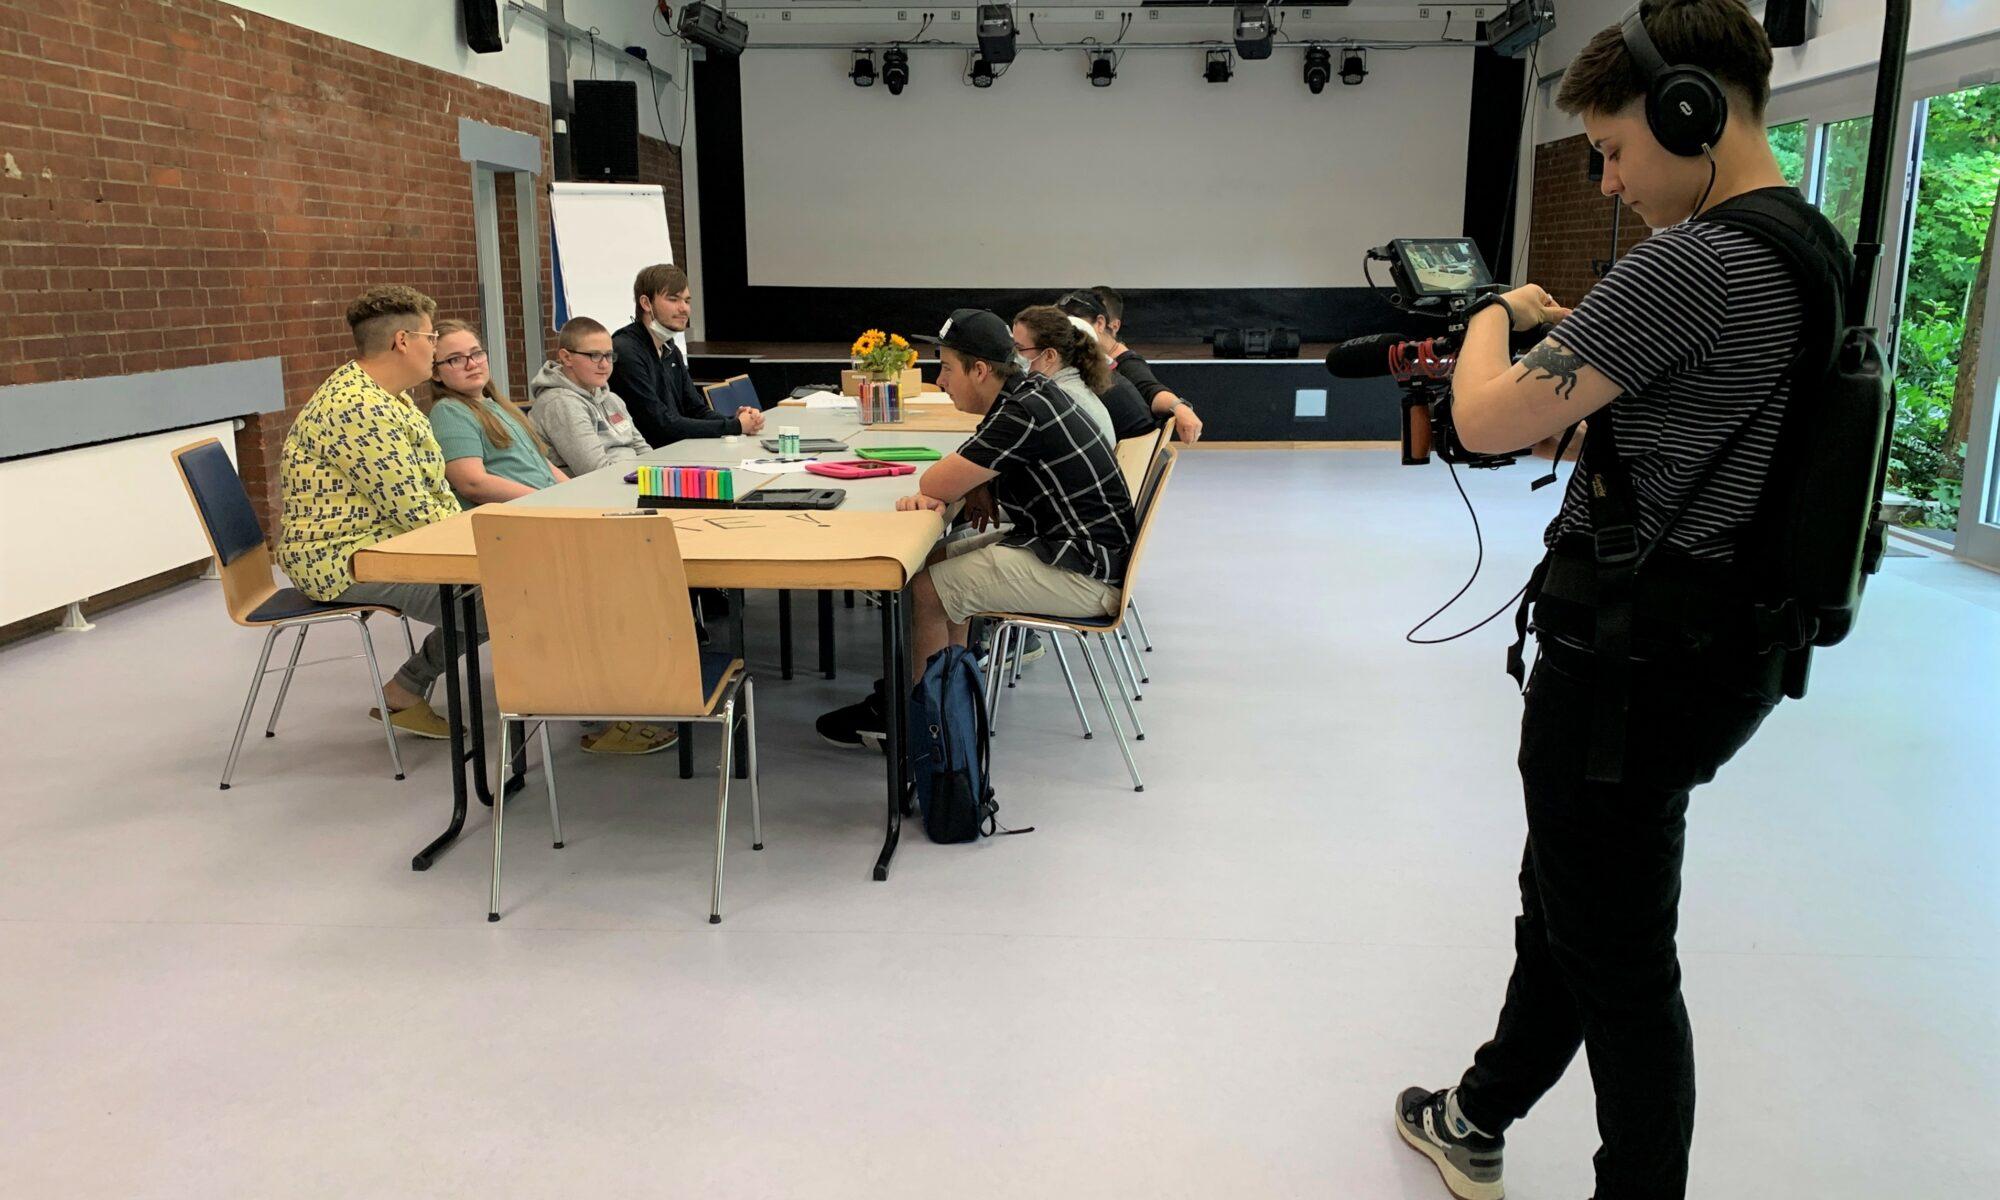 Gruppe sitzt zusammen an einem Tisch und wird gefilmt